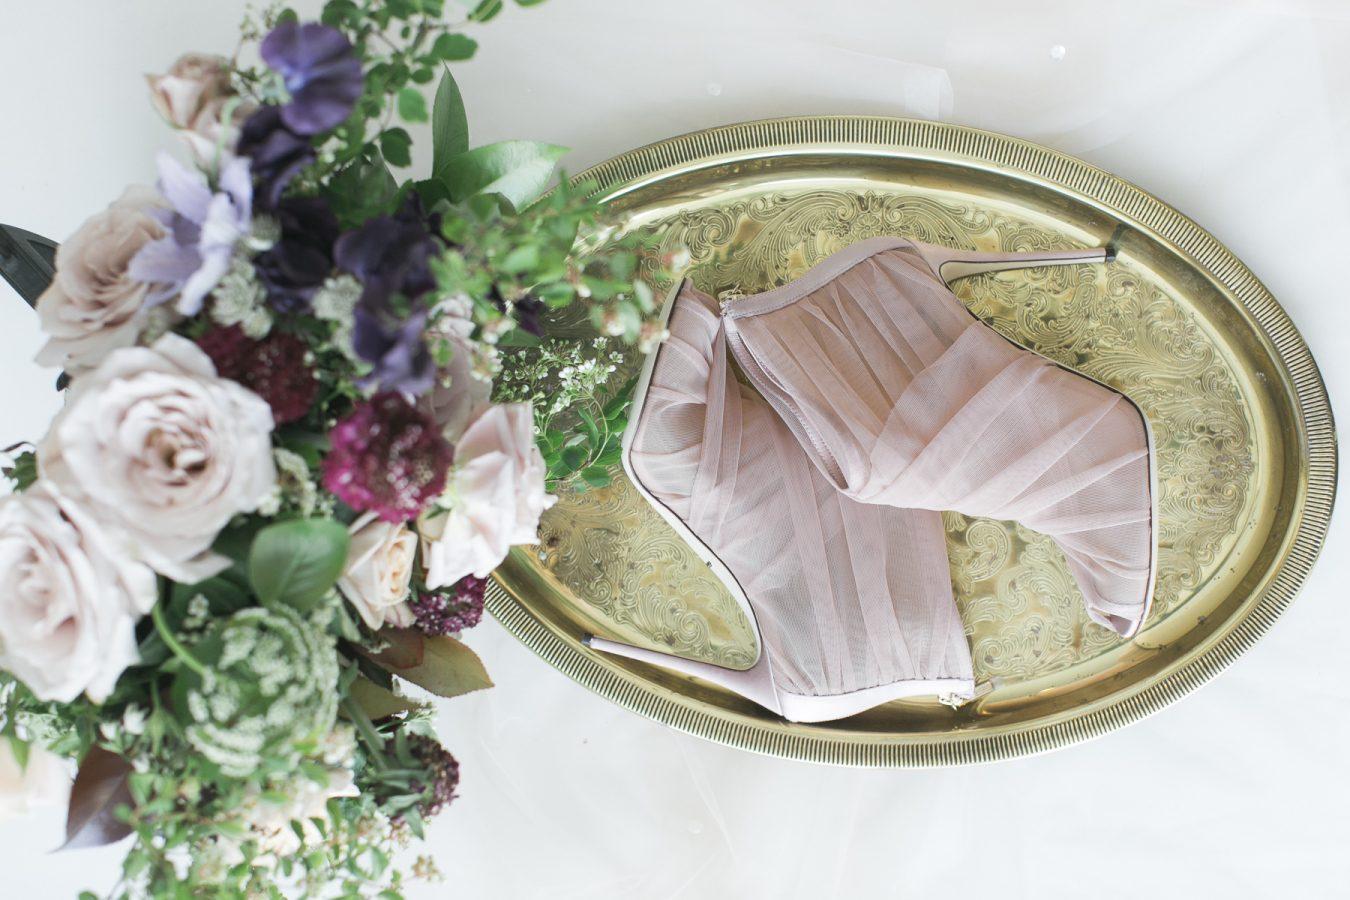 Die richtigen Schuhe können Sie in eine echte Prinzessin für den Ball verwandeln! Die Brautschuhe sind Ihr eigener Weg zum Ball der Liebe!